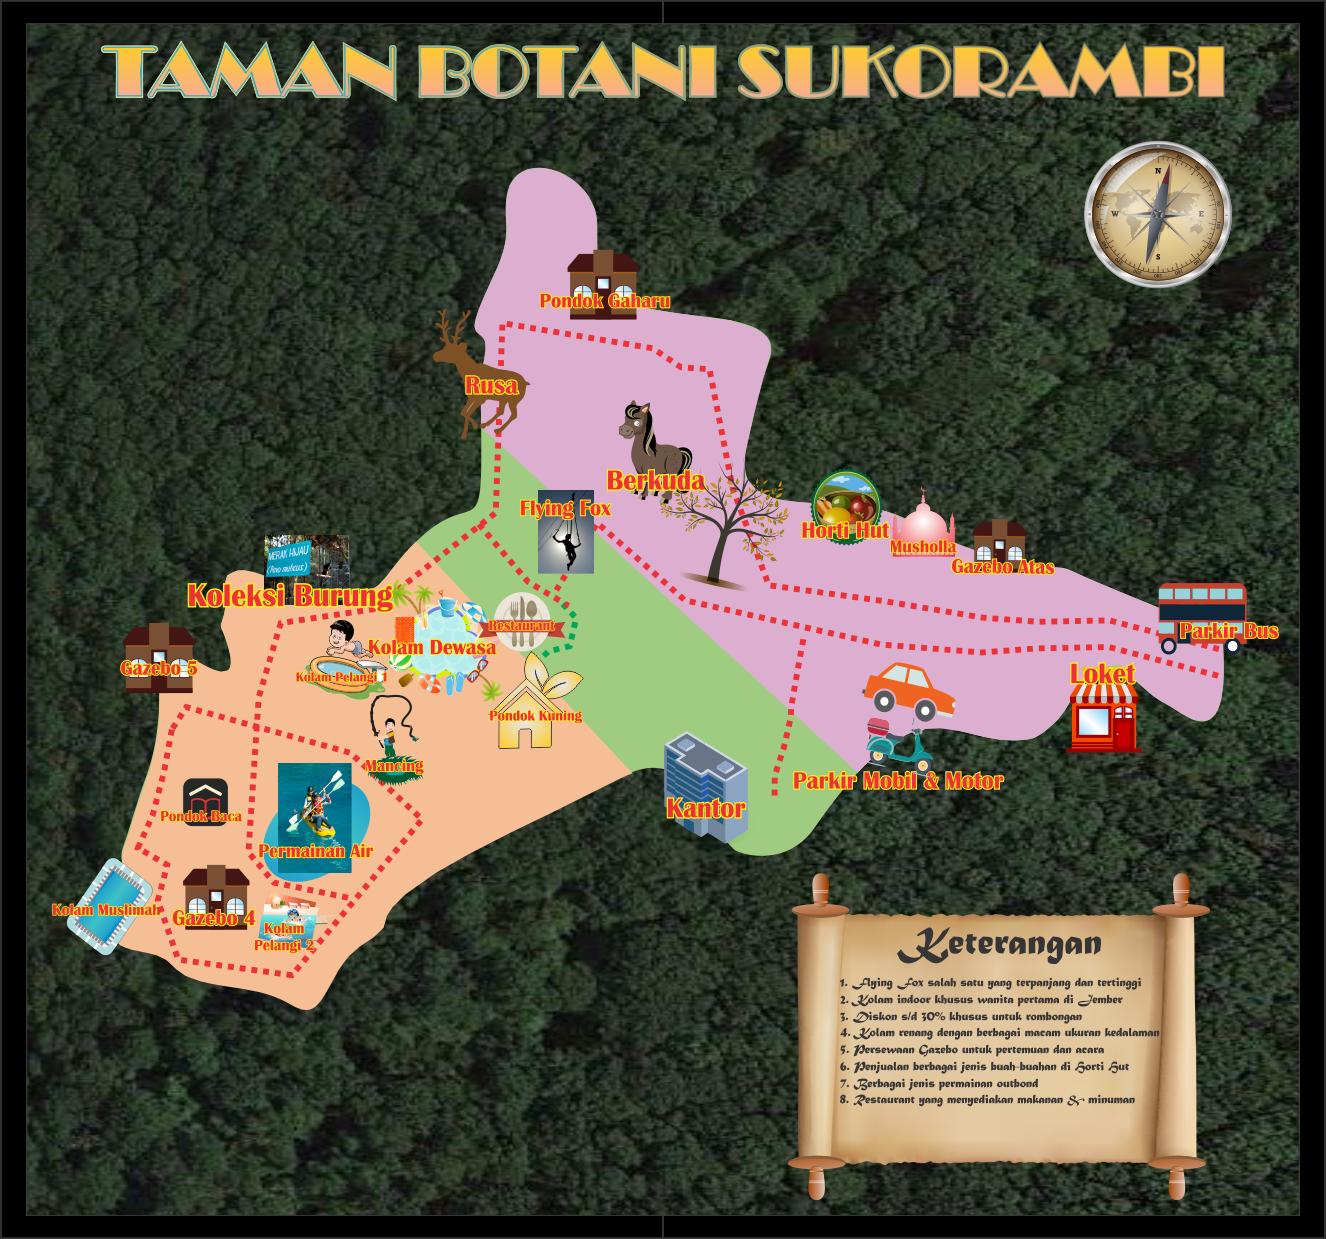 Taman Botani Sukorambi Botanical Garden Blusukan Jember Harga Tiket Masuk